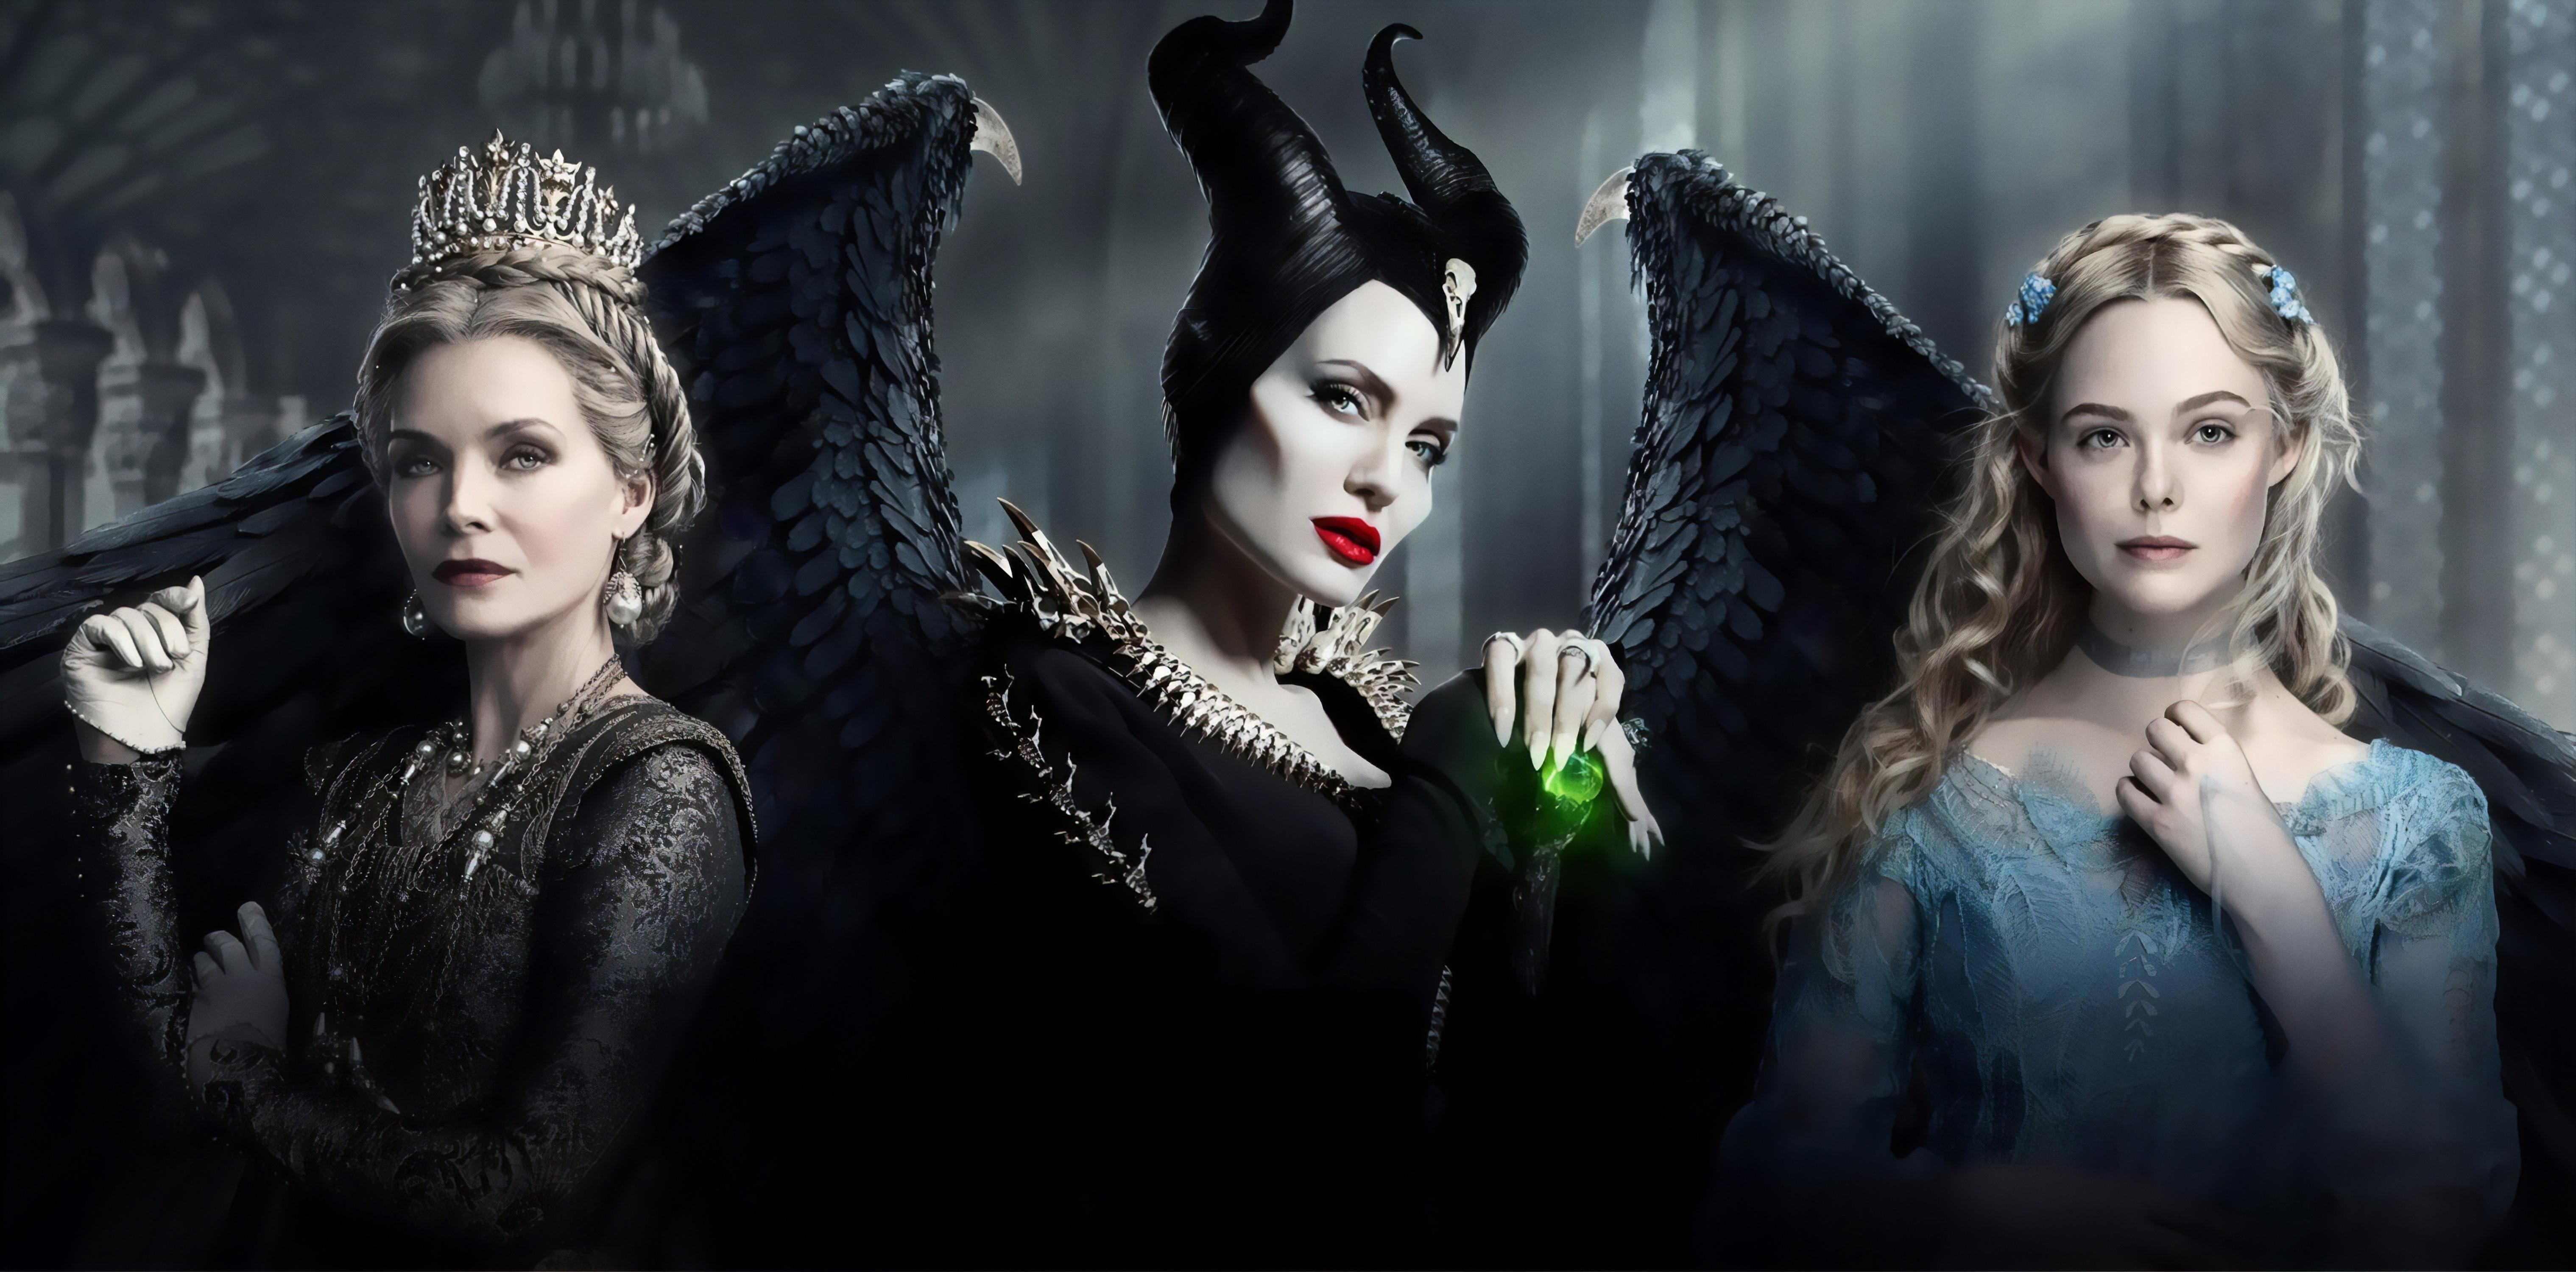 Maleficent Mistress Of Evil Wallpaper Hd Movies 4k